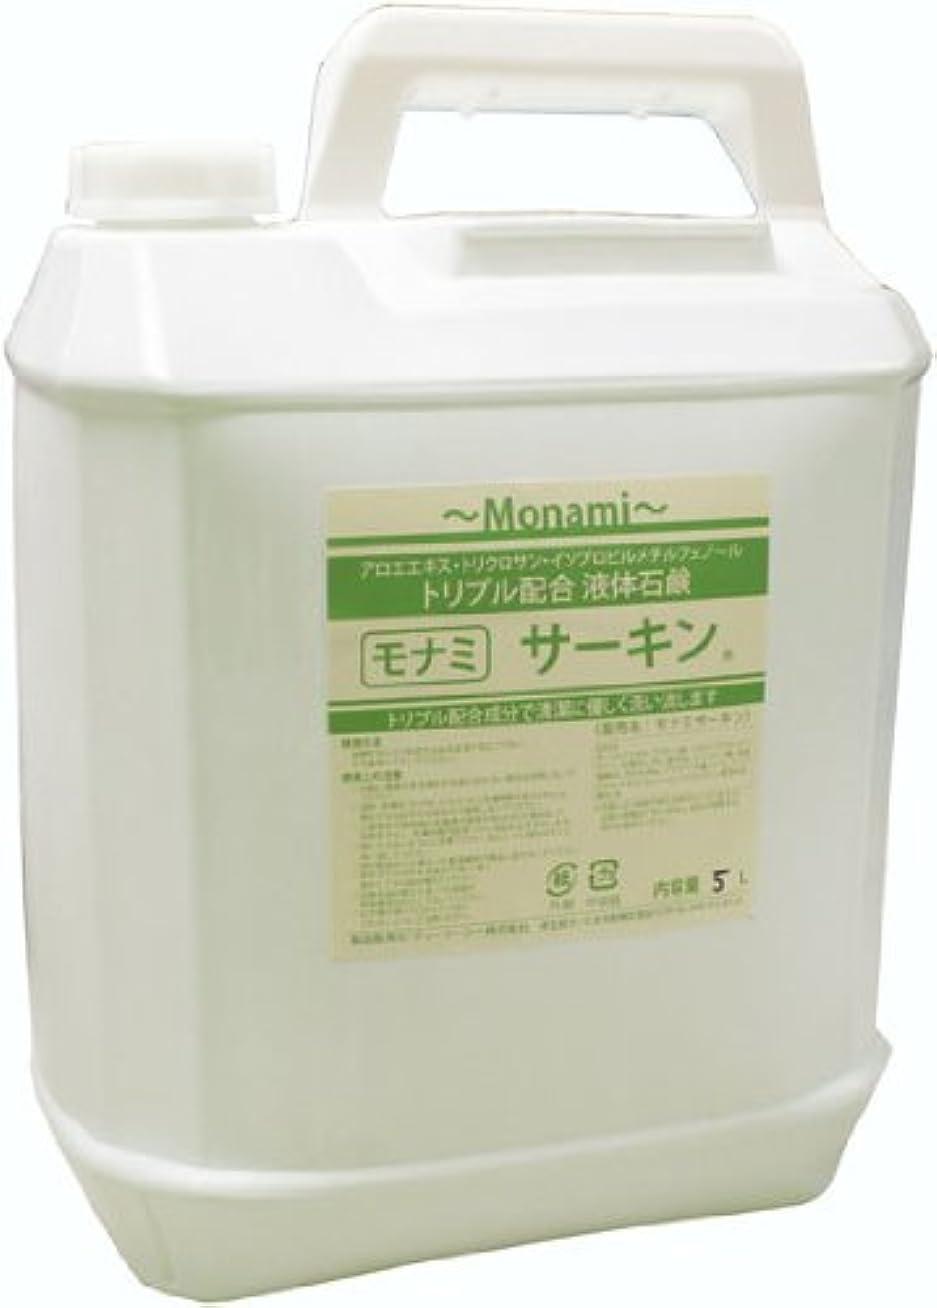 中級敬な変形保湿剤配合業務用液体ソープ「モナミ サーキン5L」アロエエキス、トリクロサン、イソプロピルメチルフェノール配合